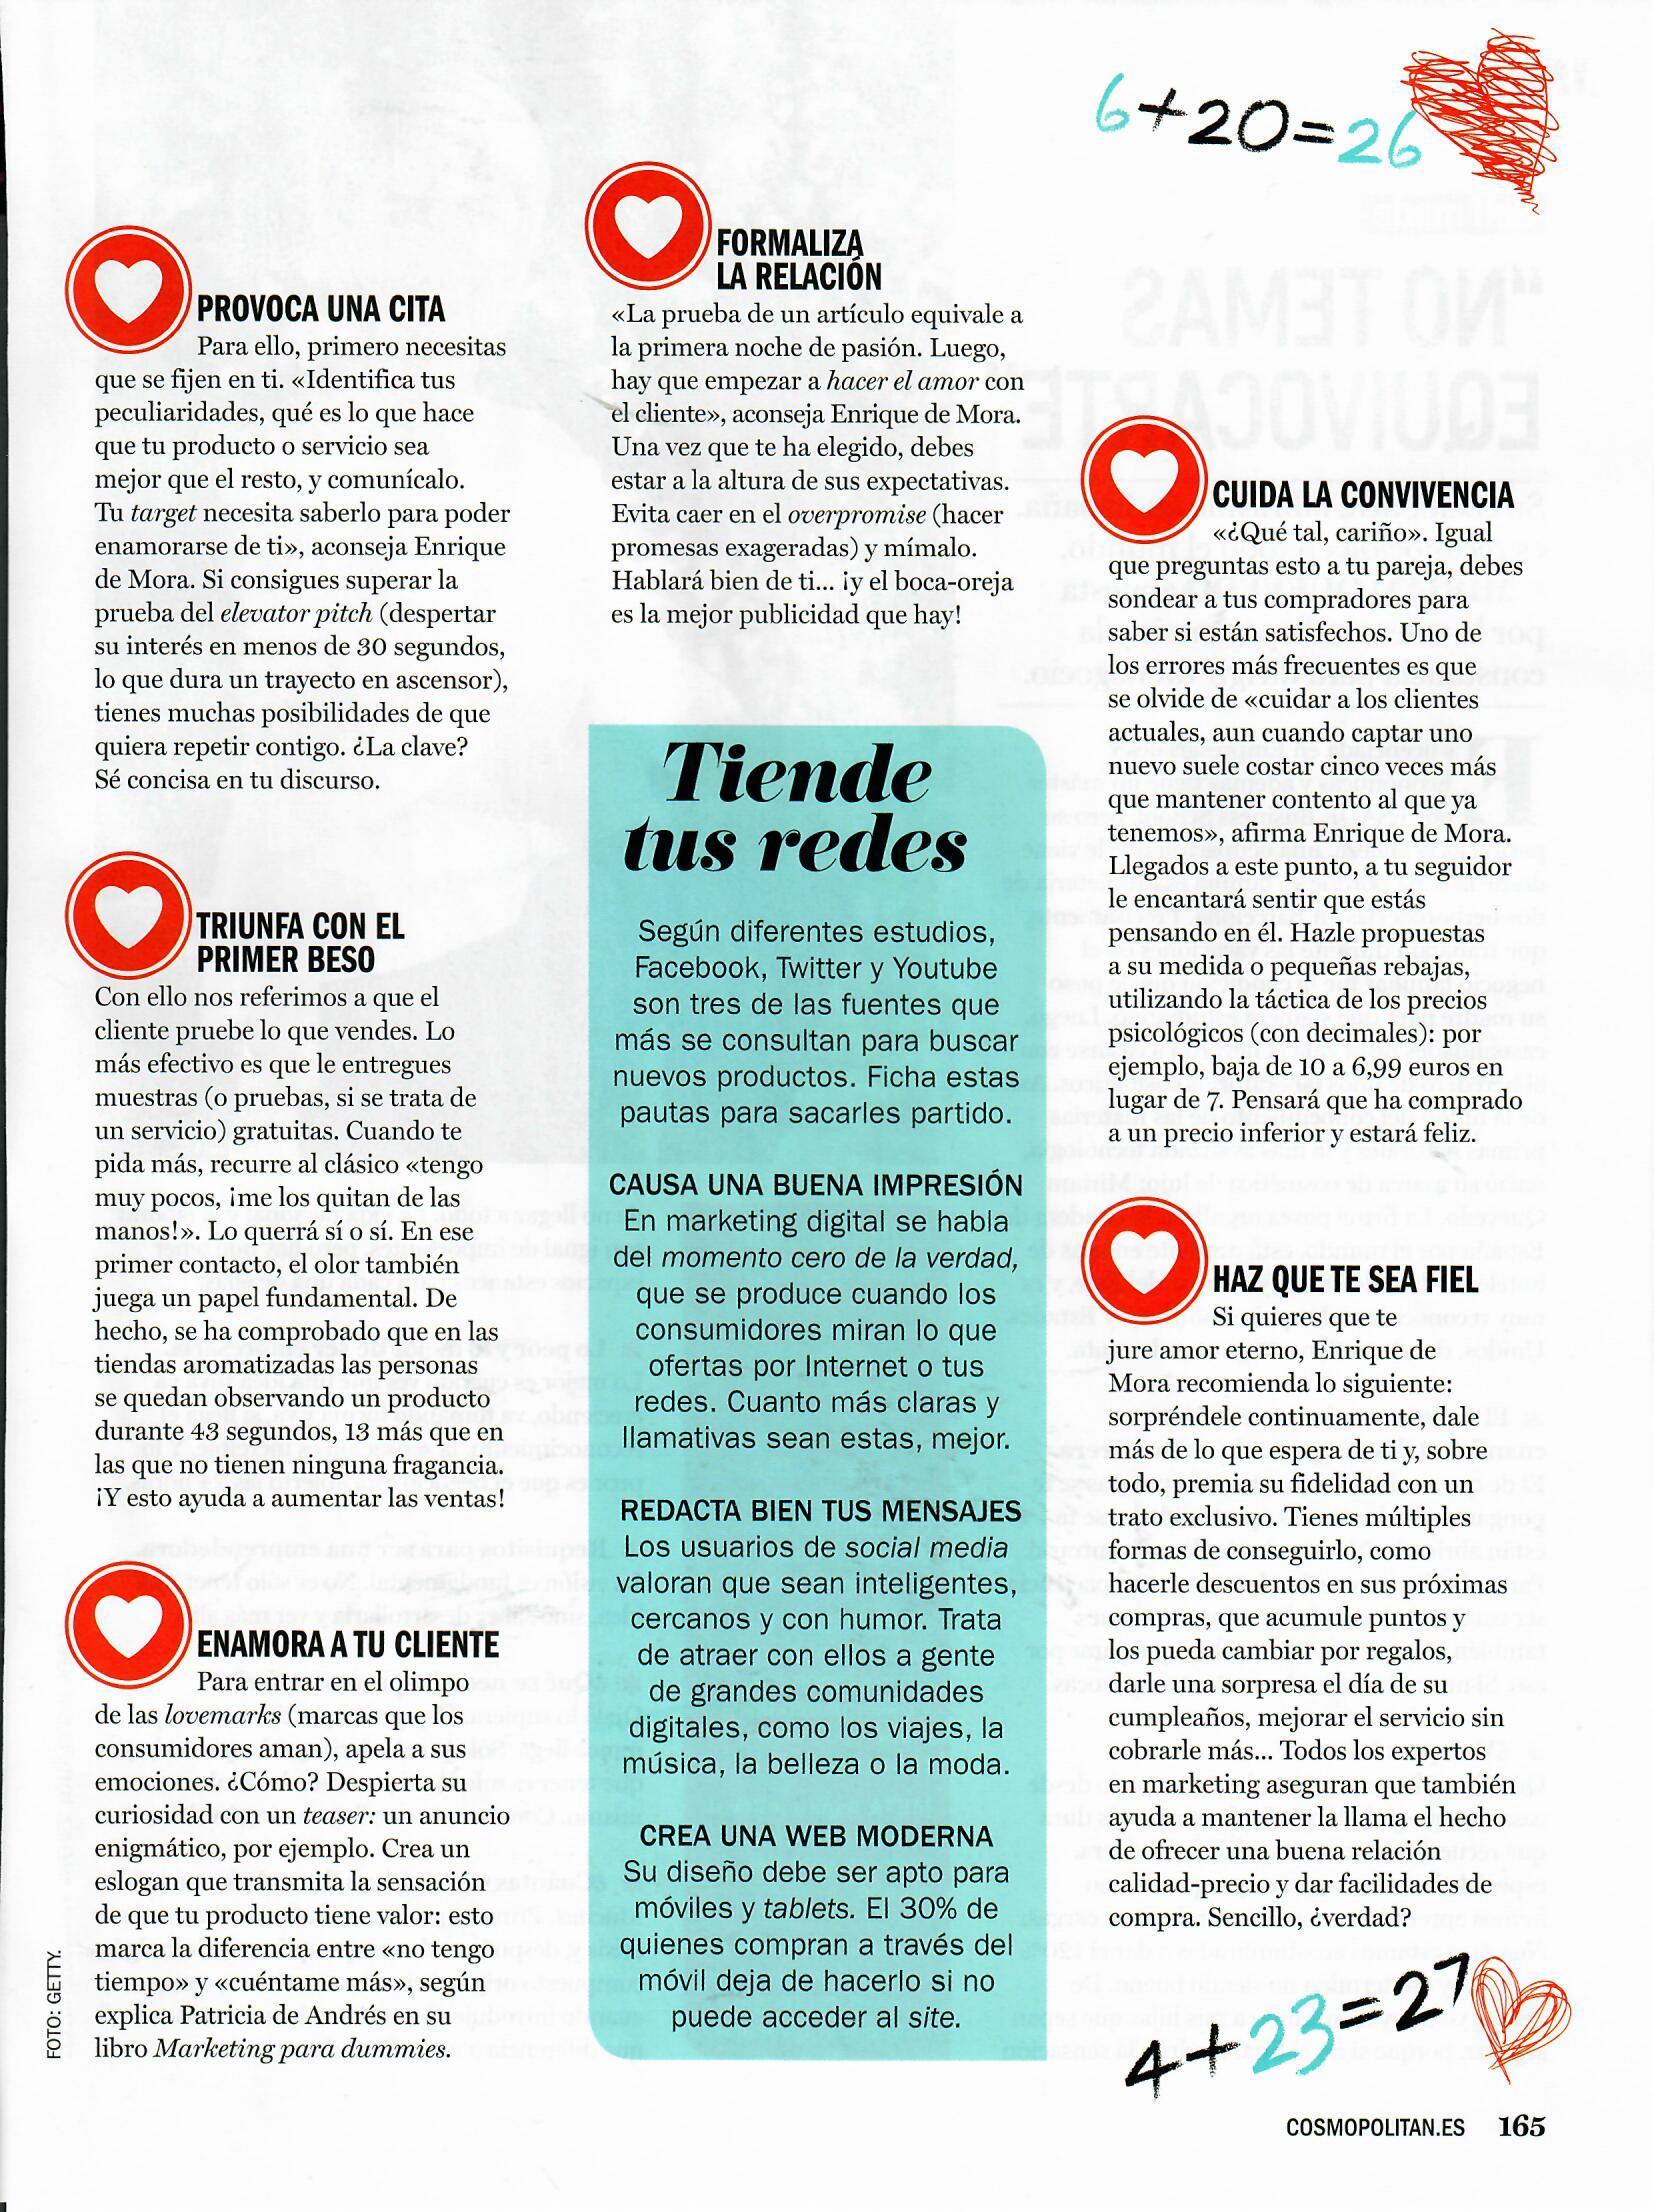 Enrique de Mora_2017.05.00_Cosmopolitan_pg165